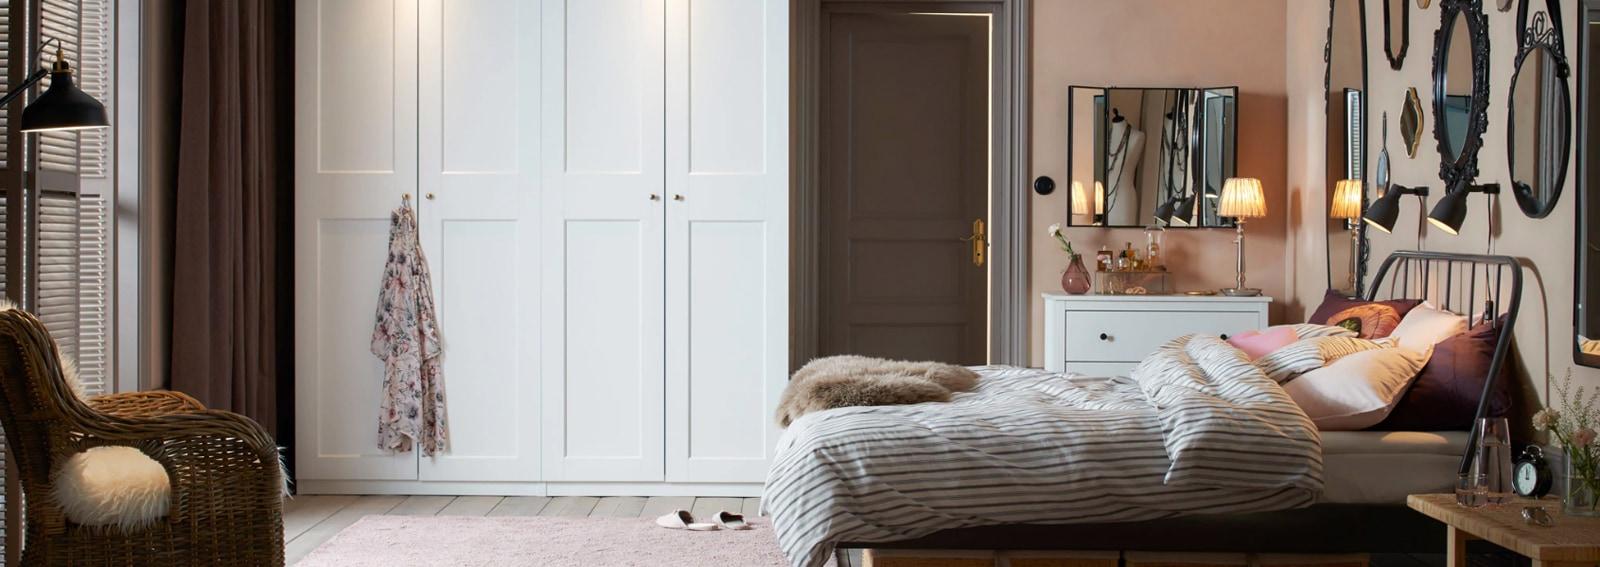 Camera da letto ikea 10 idee da copiare subito - Ikea tappeti camera da letto ...